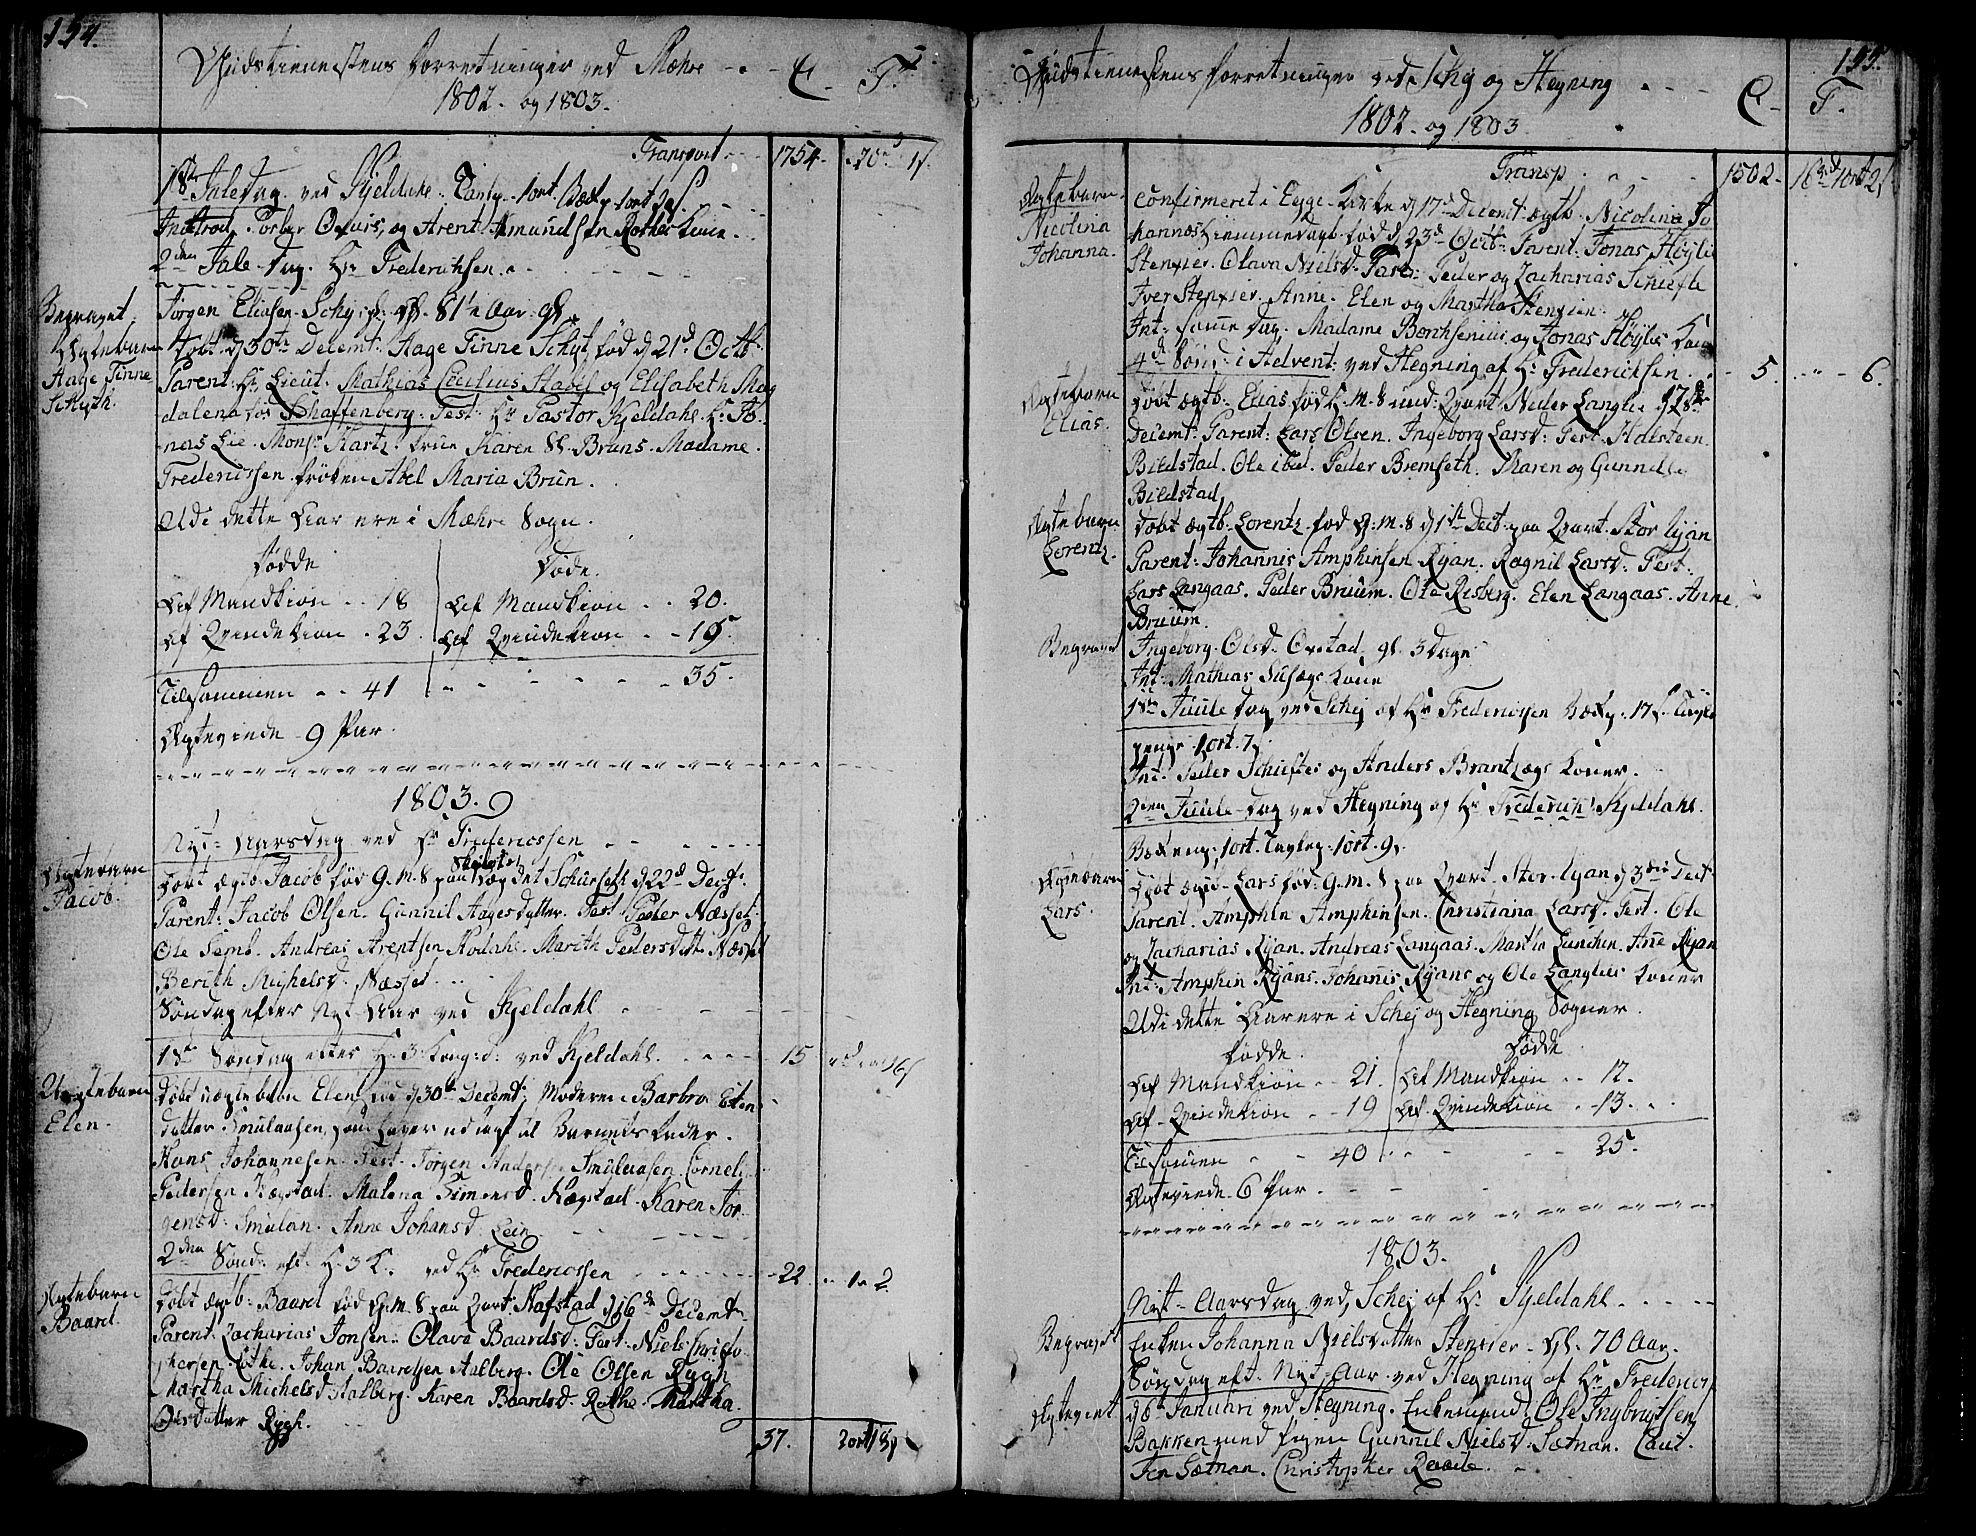 SAT, Ministerialprotokoller, klokkerbøker og fødselsregistre - Nord-Trøndelag, 735/L0332: Ministerialbok nr. 735A03, 1795-1816, s. 154-155